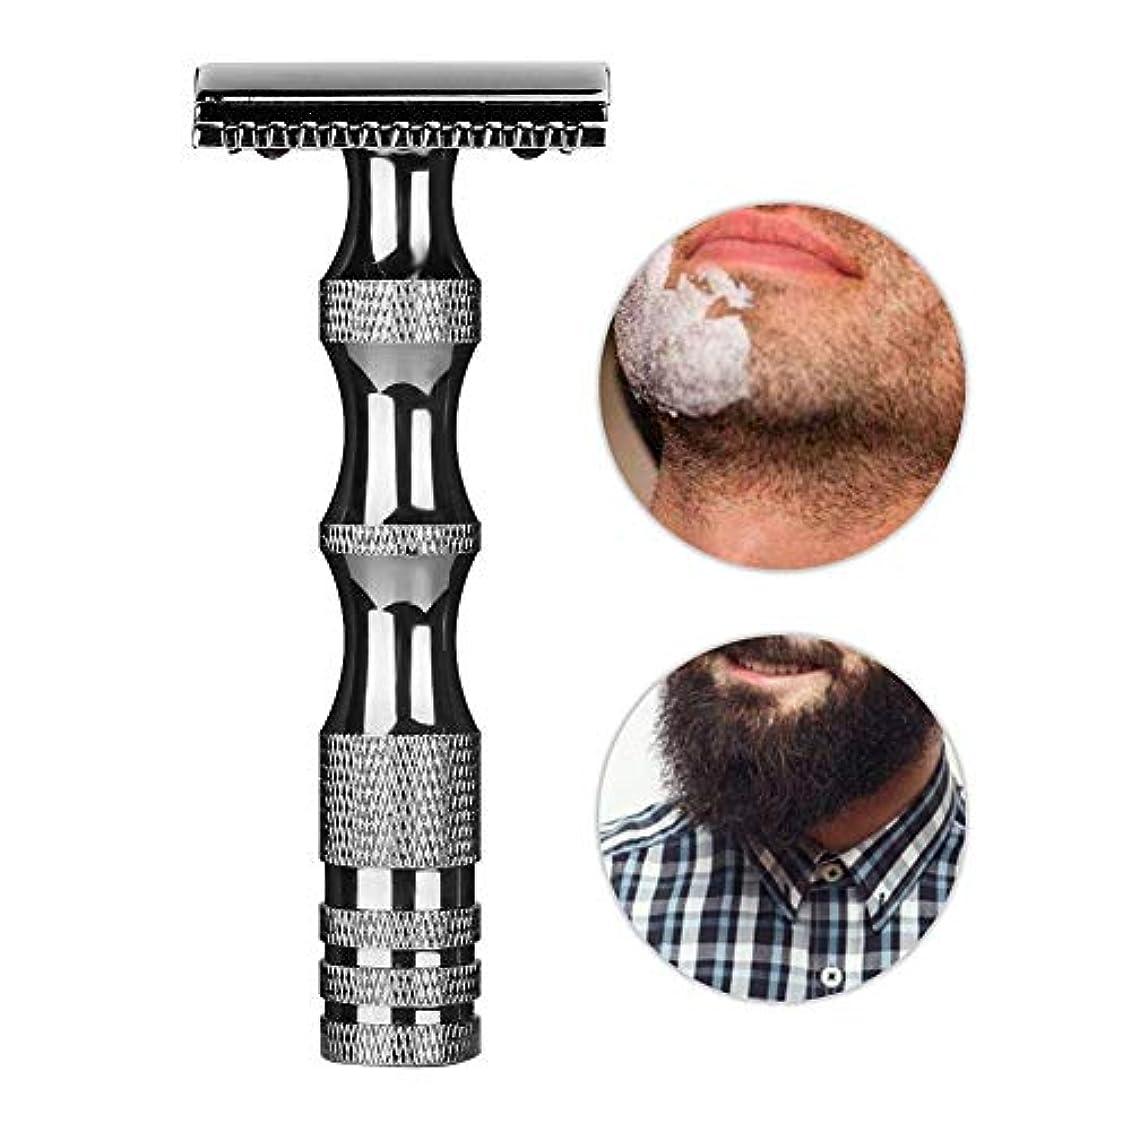 ミュージカル討論ずんぐりした安全剃刀、クラシックメンズ滑り止めメタルハンドルデュアルエッジシェーバーヴィンテージスタイルメンズ安全剃刀、スムーズで快適な髭剃り(Dark Silver)